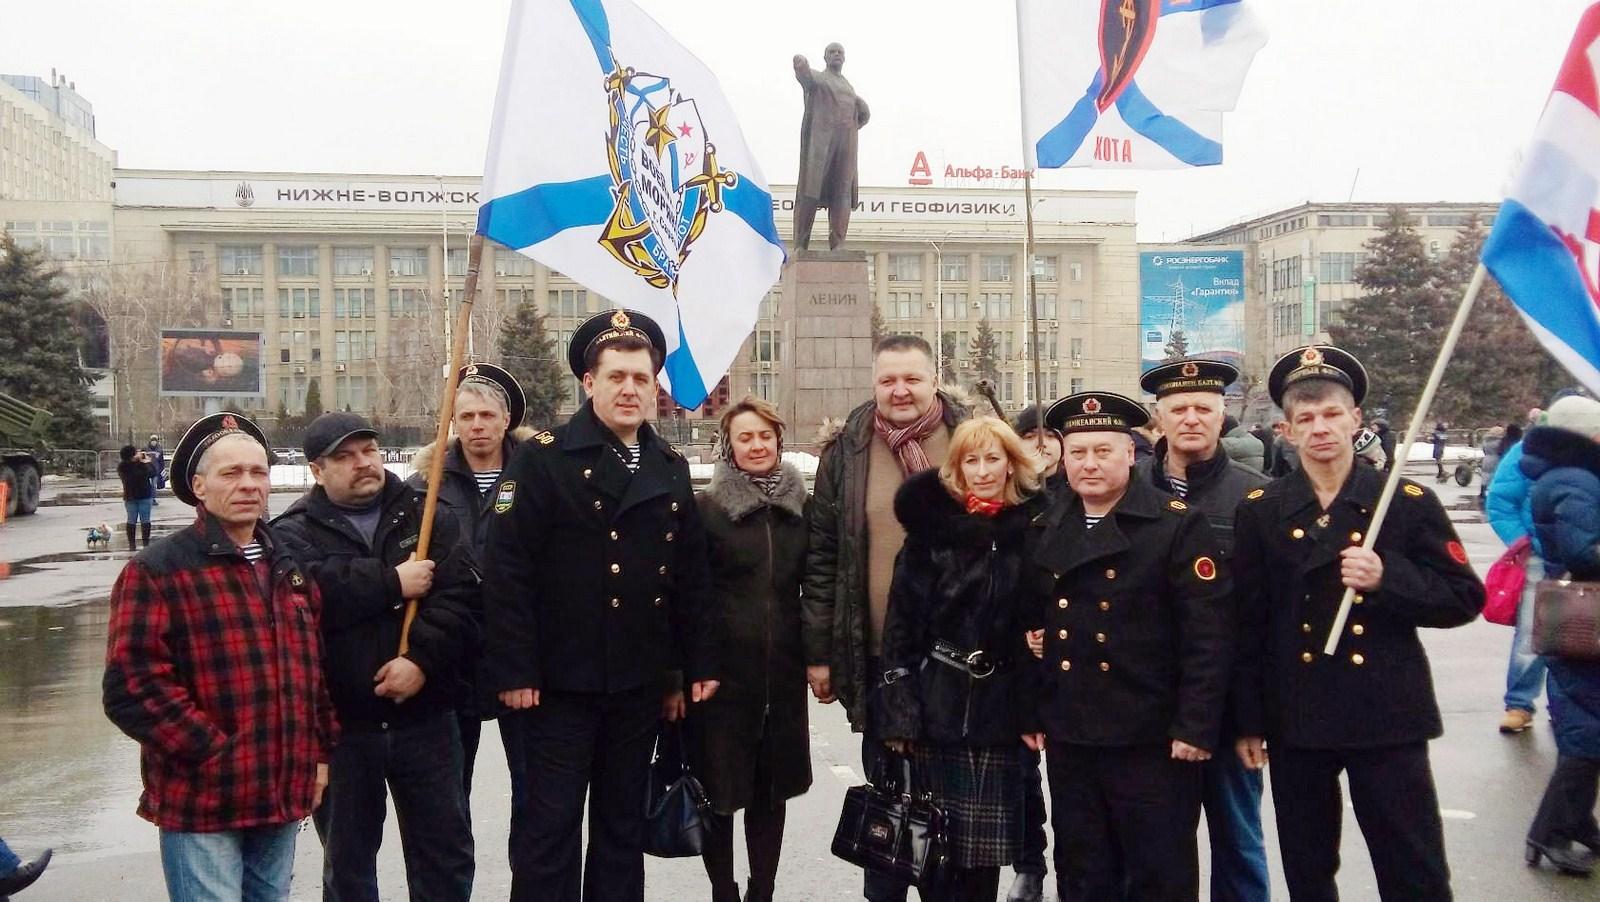 СВМ празднует День Защитника Отечества 23.02.16